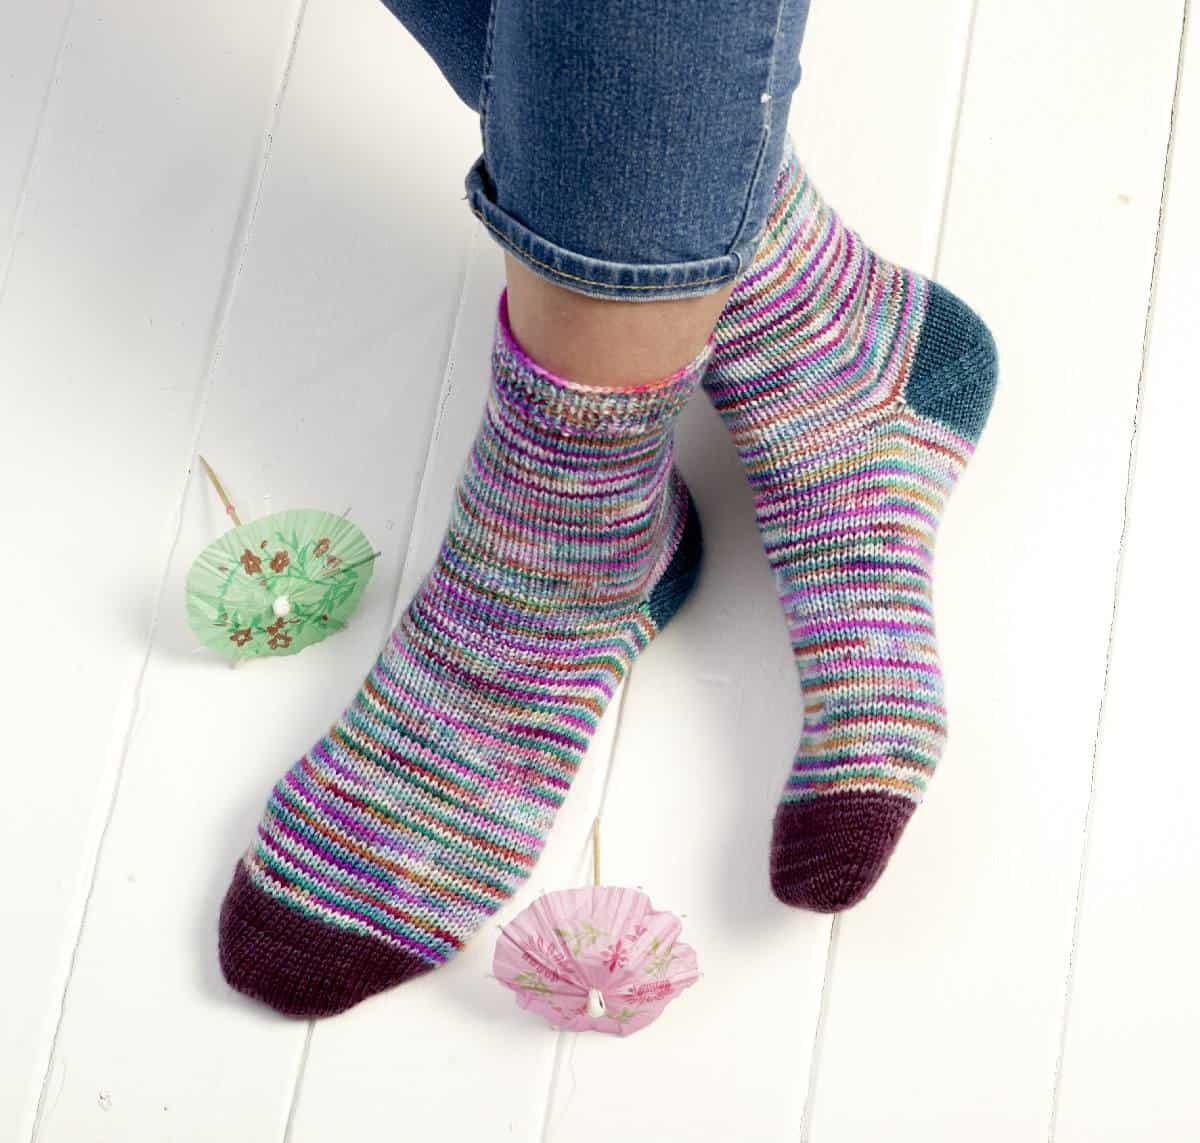 Cosmopolitan Socks